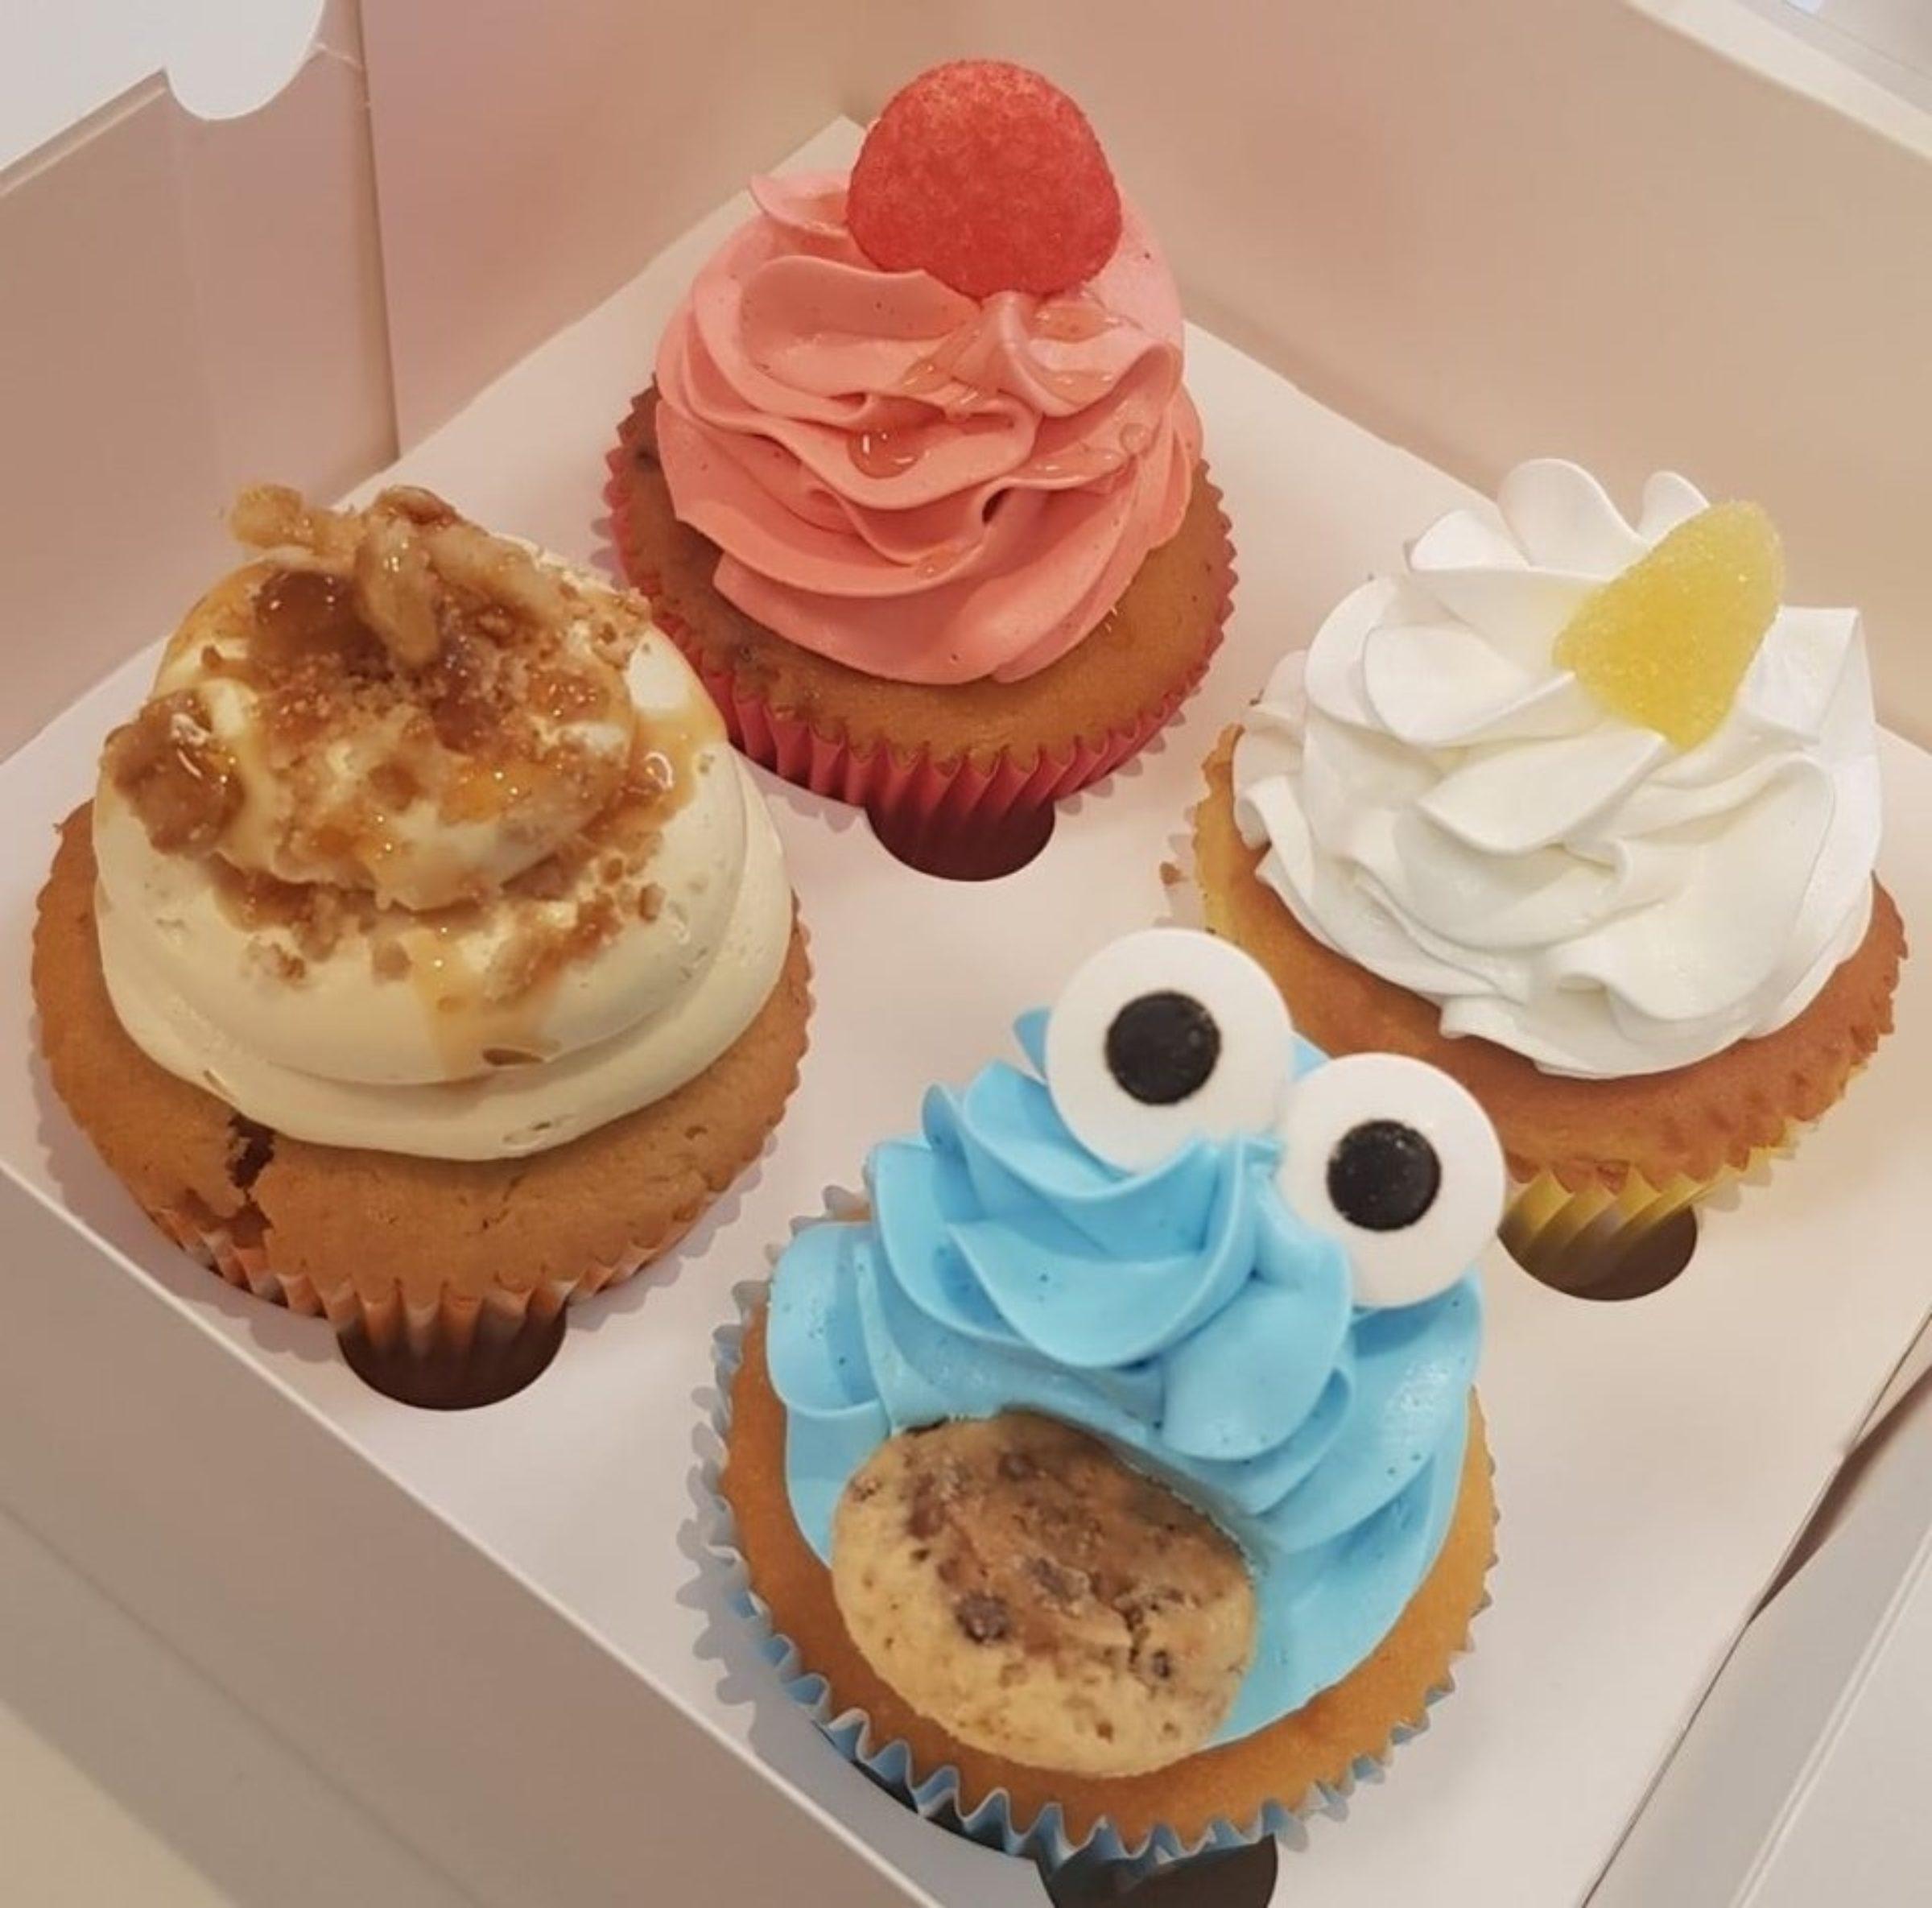 Nienkes cupcakes